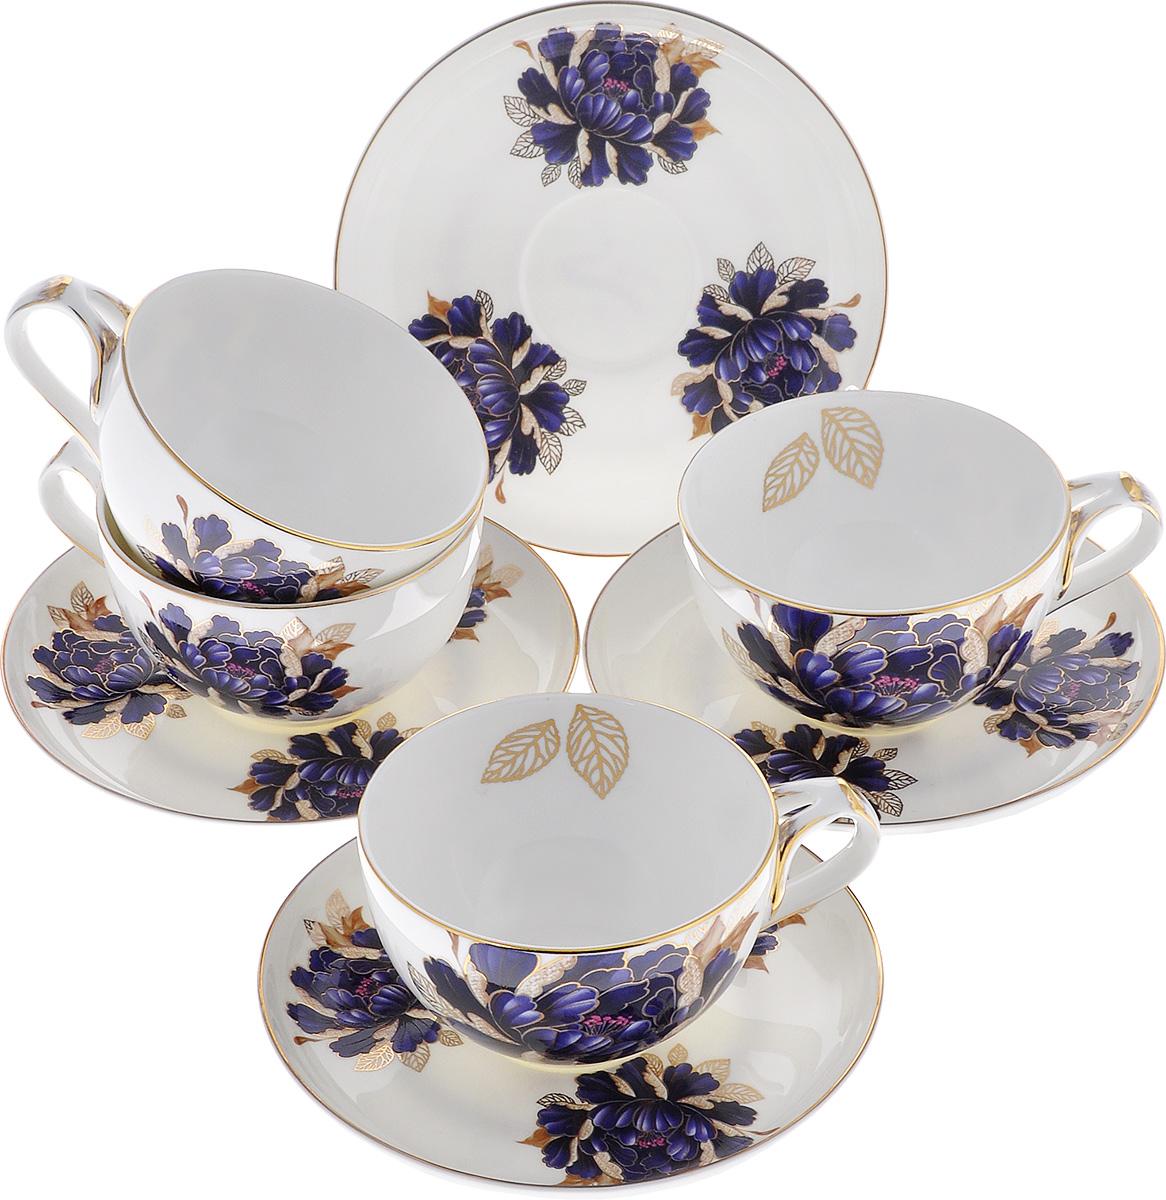 Набор чайный Lillo Синий пион, 8 предметов216144Чайный набор Lillo Синий пион состоит из 4 чашек и 4 блюдец, выполненных из высококачественного фарфора. Изделия украшены изображением синего пиона и золотистой эмалью. Набор имеет изысканную форму и потрясающий утонченный дизайн. Идеально подойдет для домашнего праздничного чаепития. Набор упакован в подарочную коробку, задрапированную белой атласной тканью. Красивое оформление сделает такой набор идеальным подарком к любому случаю. Объем чашки: 250 мл. Диаметр чашки (по верхнему краю): 9 см. Высота чашки: 5,5 см. Диаметр блюдца: 14 см.